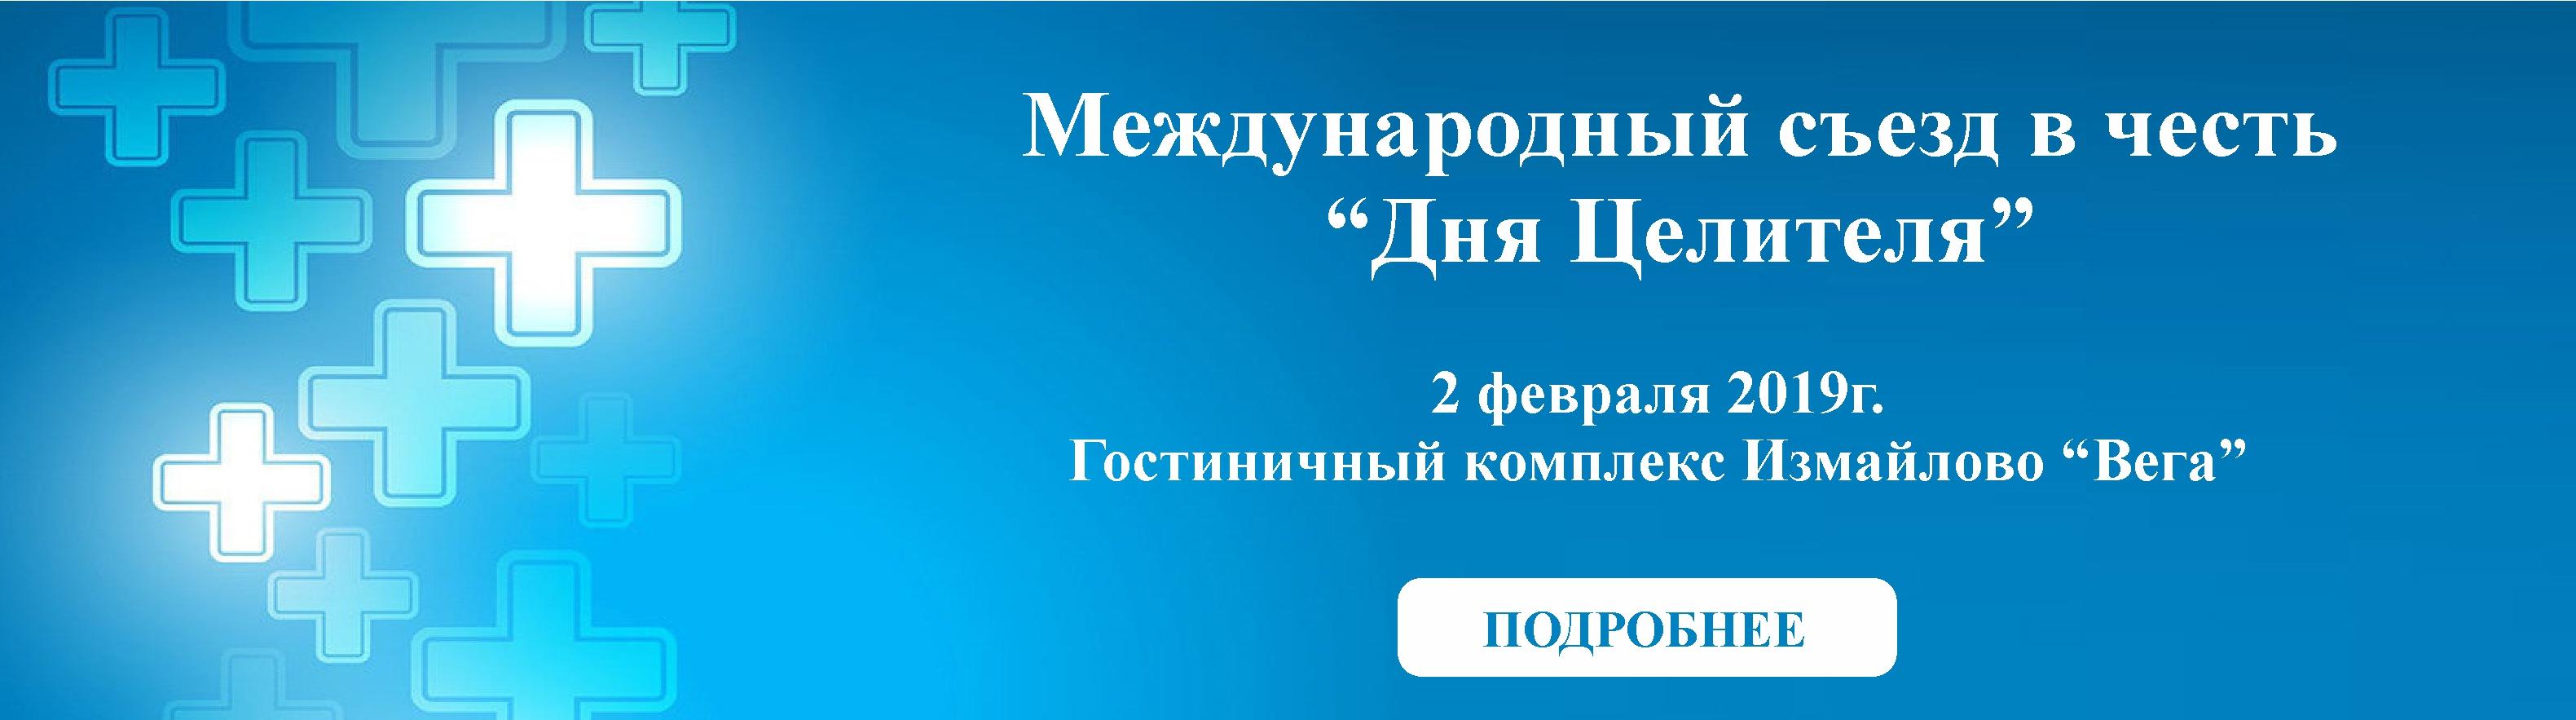 Сайта главная 1 - Прошедшие мероприятия